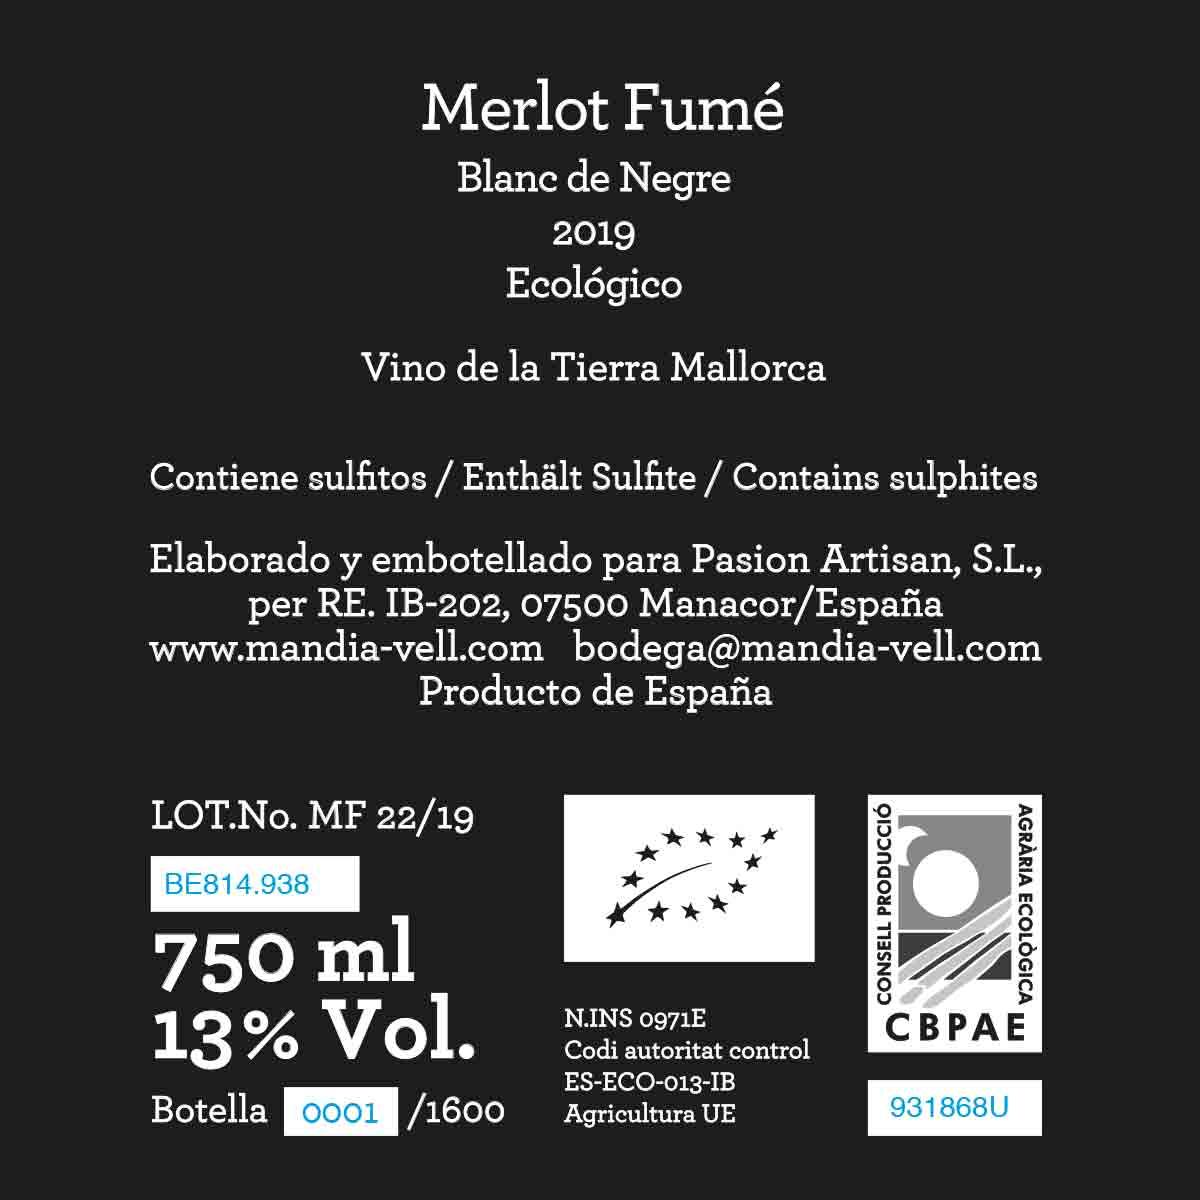 Merlot Fumé 2019